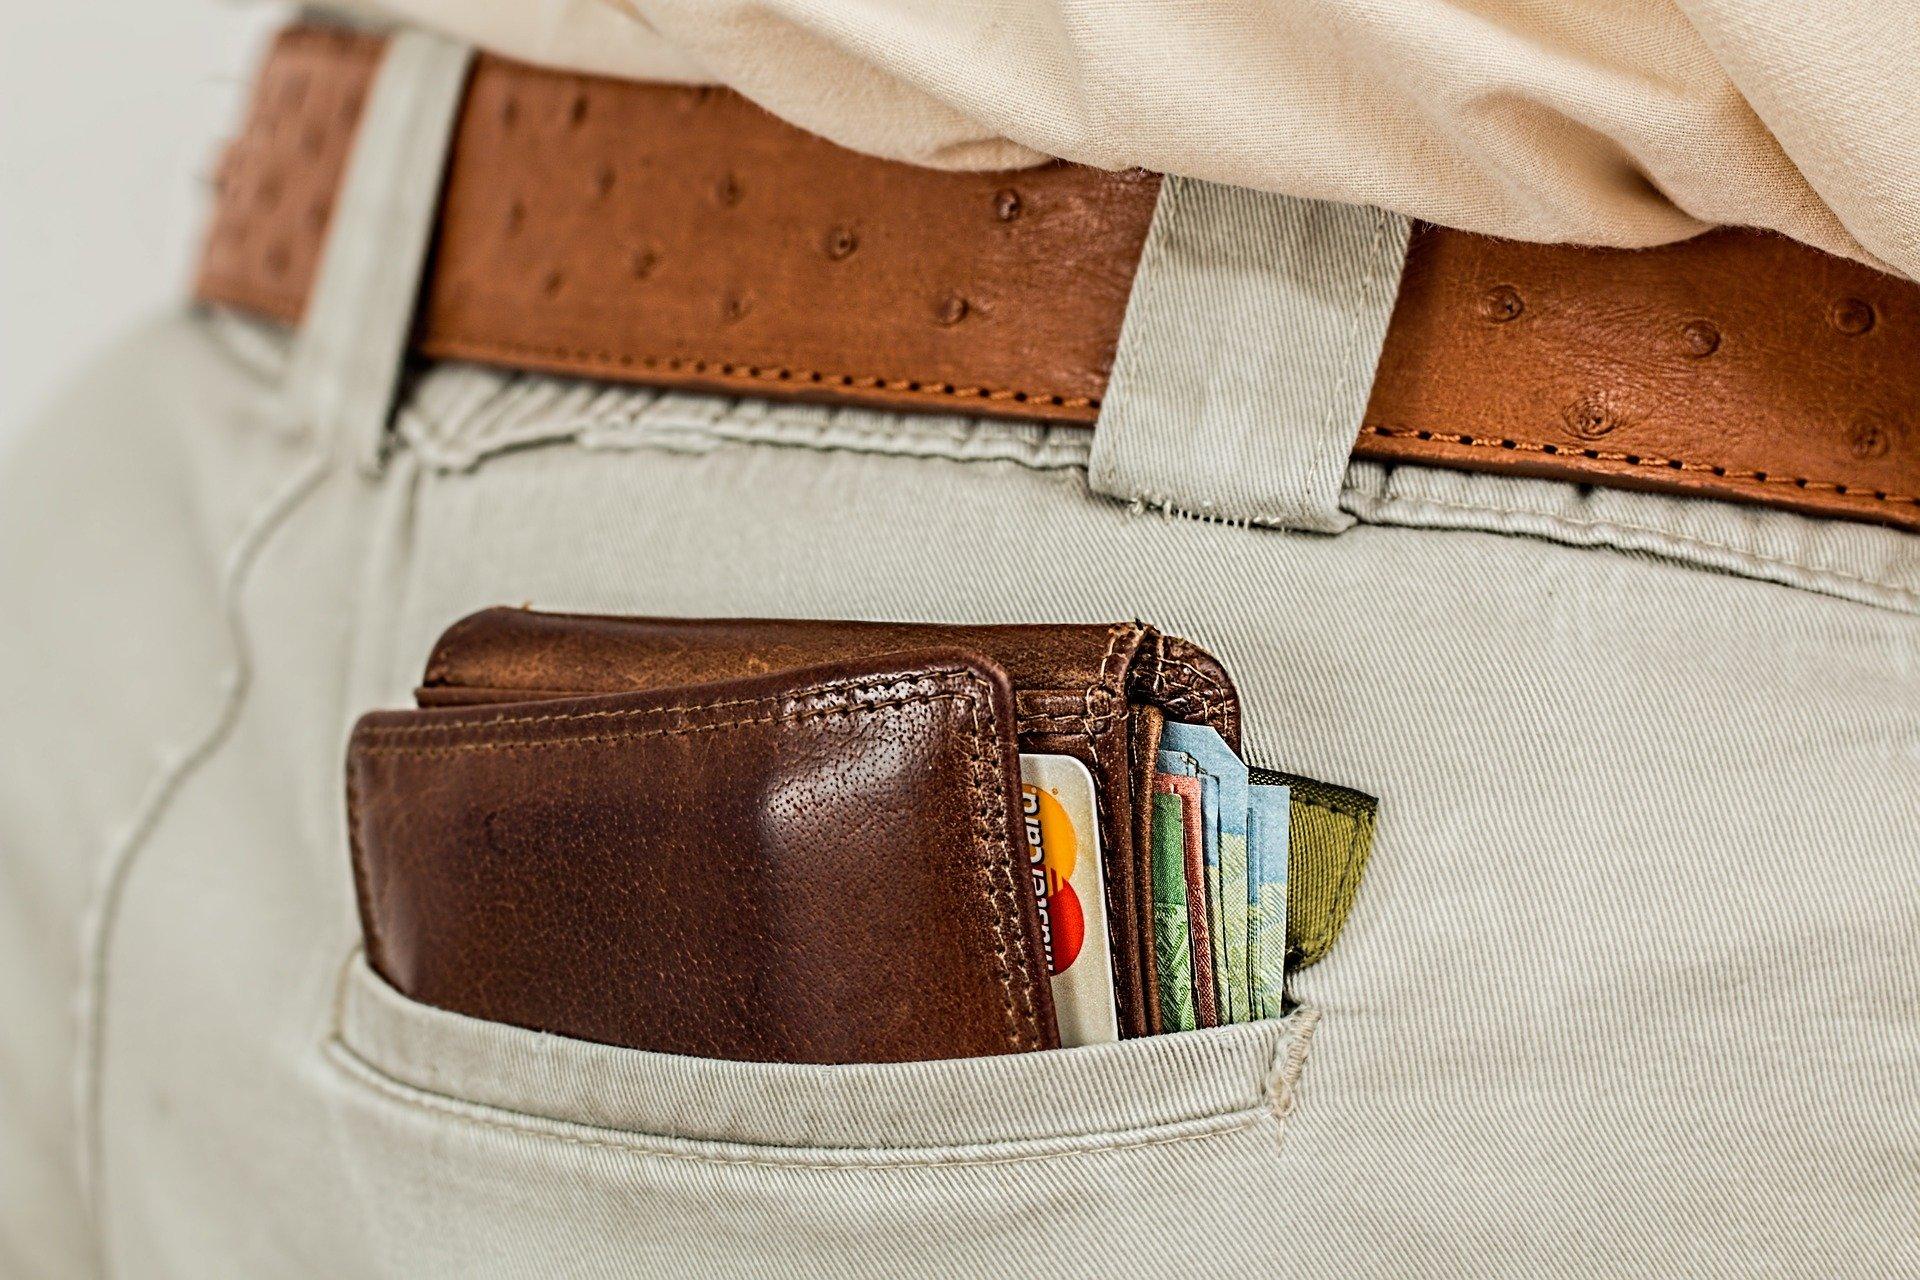 Vielfliegerkarte im Portemonnaie